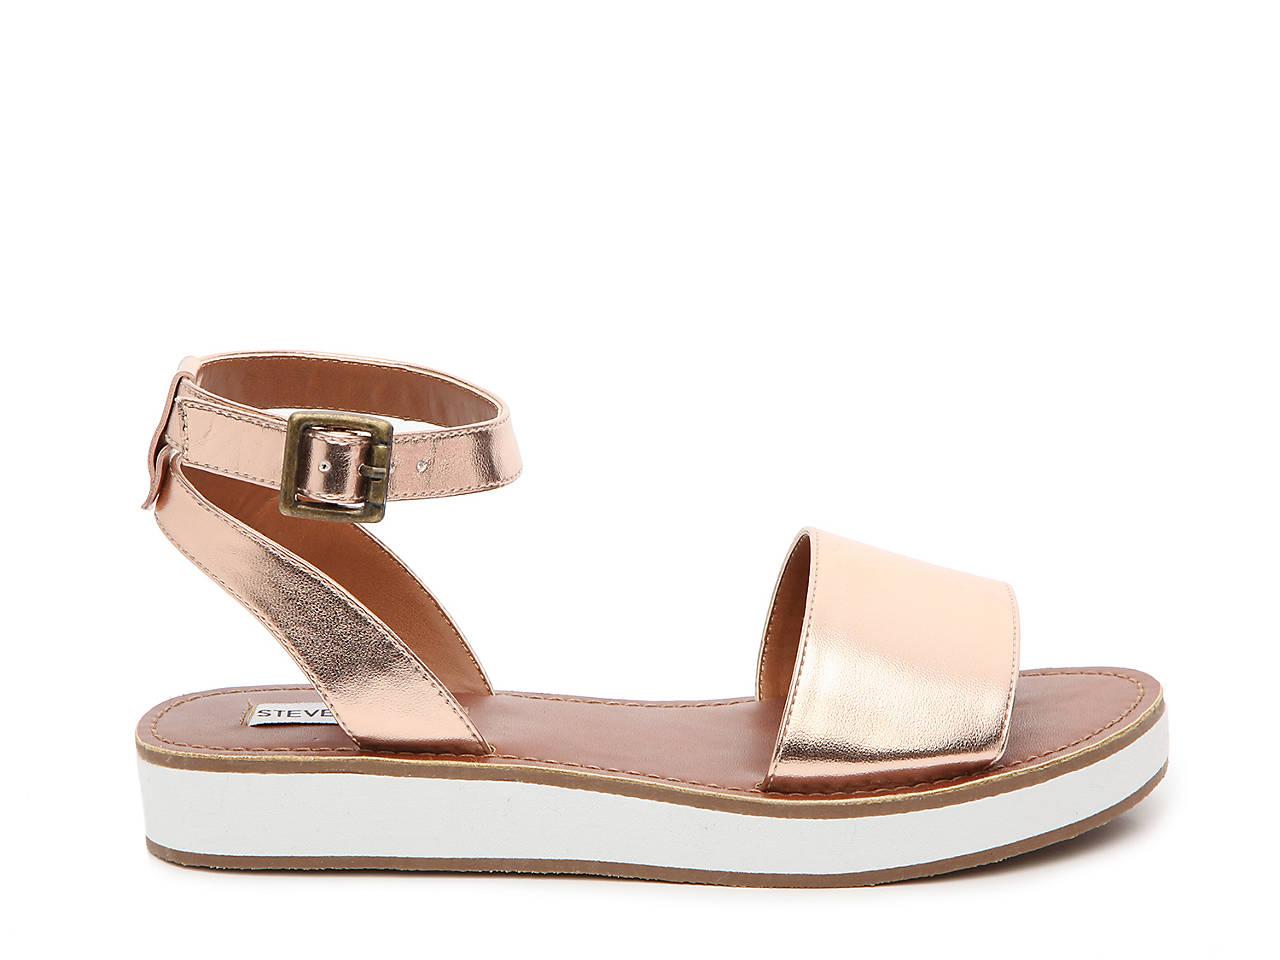 28b386c5b60 Steve Madden Miley Wedge Sandal Women s Shoes